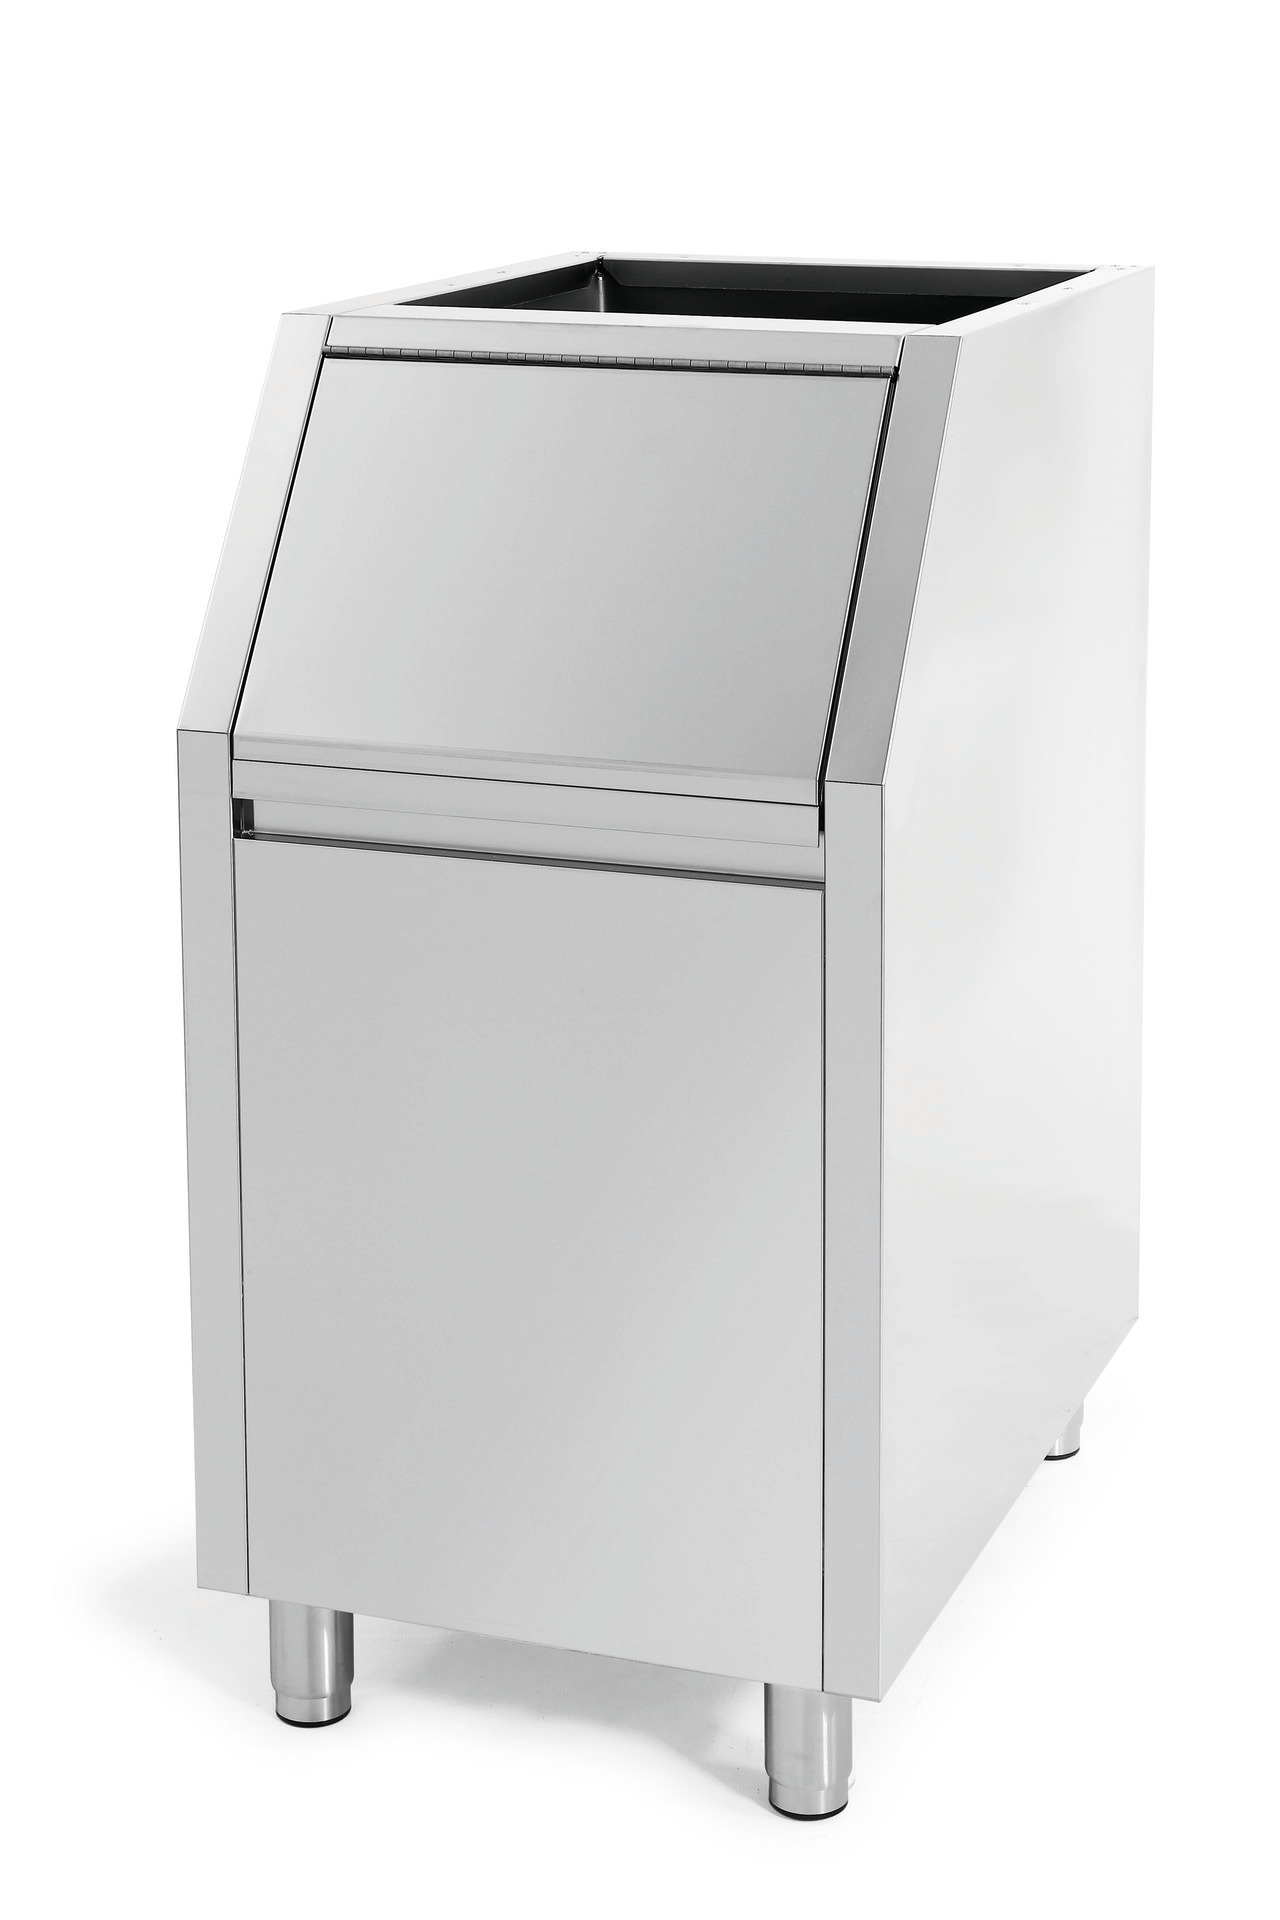 Vorratsbehälter, 100 kg Art.-Nr. des Eiswürfelbereiters angeben